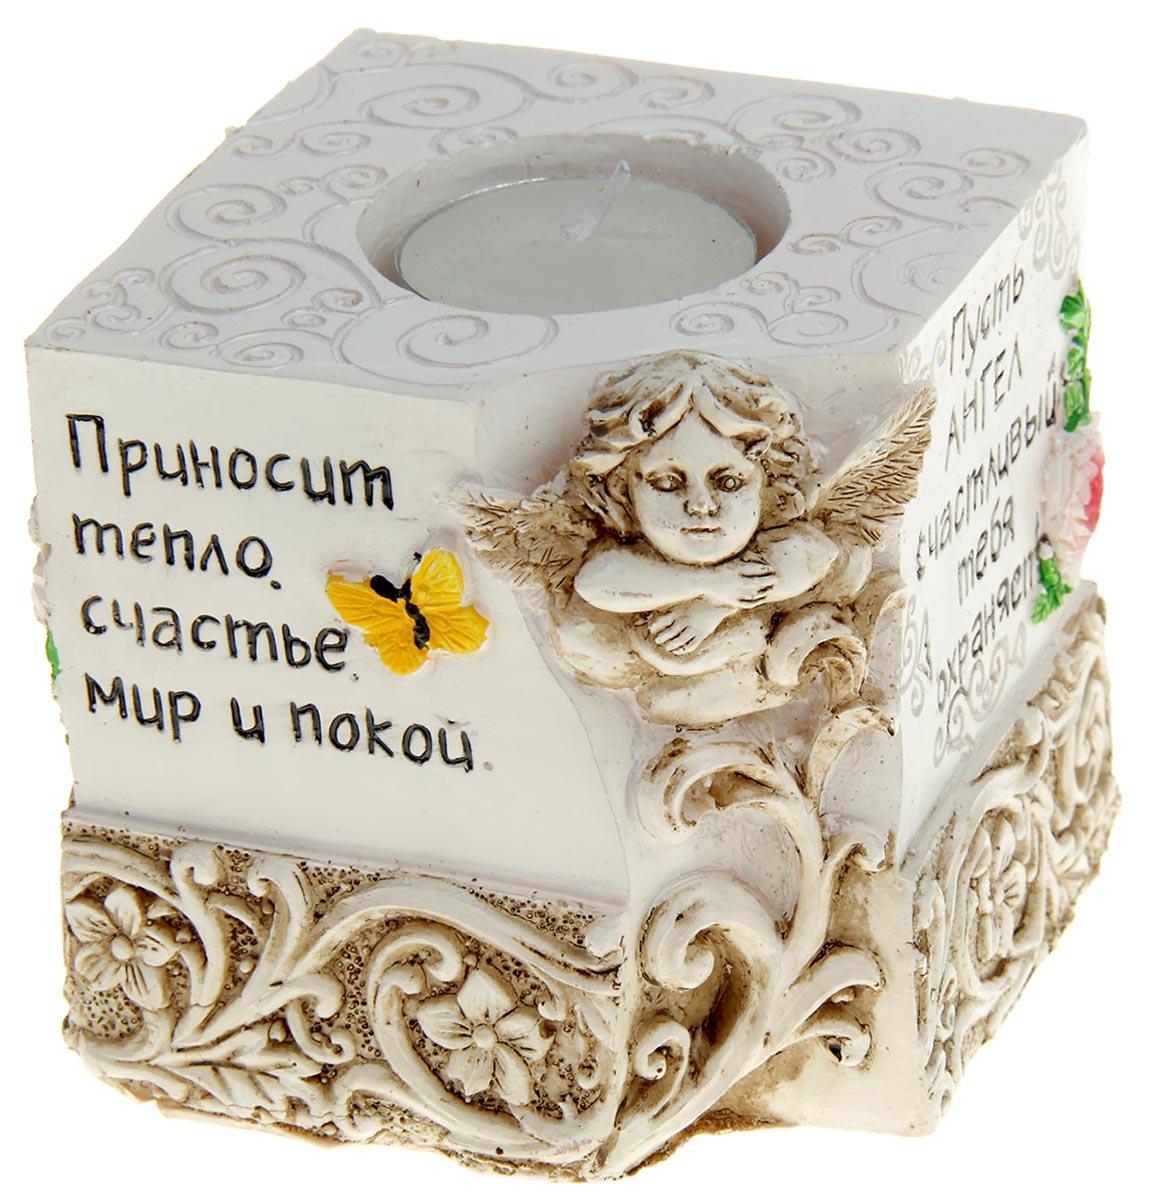 Подсвечник Счастливый Ангел, со свечой, цвет: бежевый, белый, 8,5 х 8,5 х 8,5 см886159Подсвечник со свечой Счастливый Ангел – нежный и душевный сувенир на память тому, кто вам по-настоящему дорог, и вы хотите сделать ему особенный подарок.Подсвечник изготовлен из полистоуна, стилизован под лепнину. Рисунок и узор рельефные: текст выдавлен на материале и покрыт краской, в одном уголке расположена объемная композиция. Подсвечник отлично подходит под стандартный размер свечей.Сувенир упакован в подарочную коробку и готов для вручения. К упаковке прикрепляется маленькая открытка, в которой даритель может оставить свое пожелание.